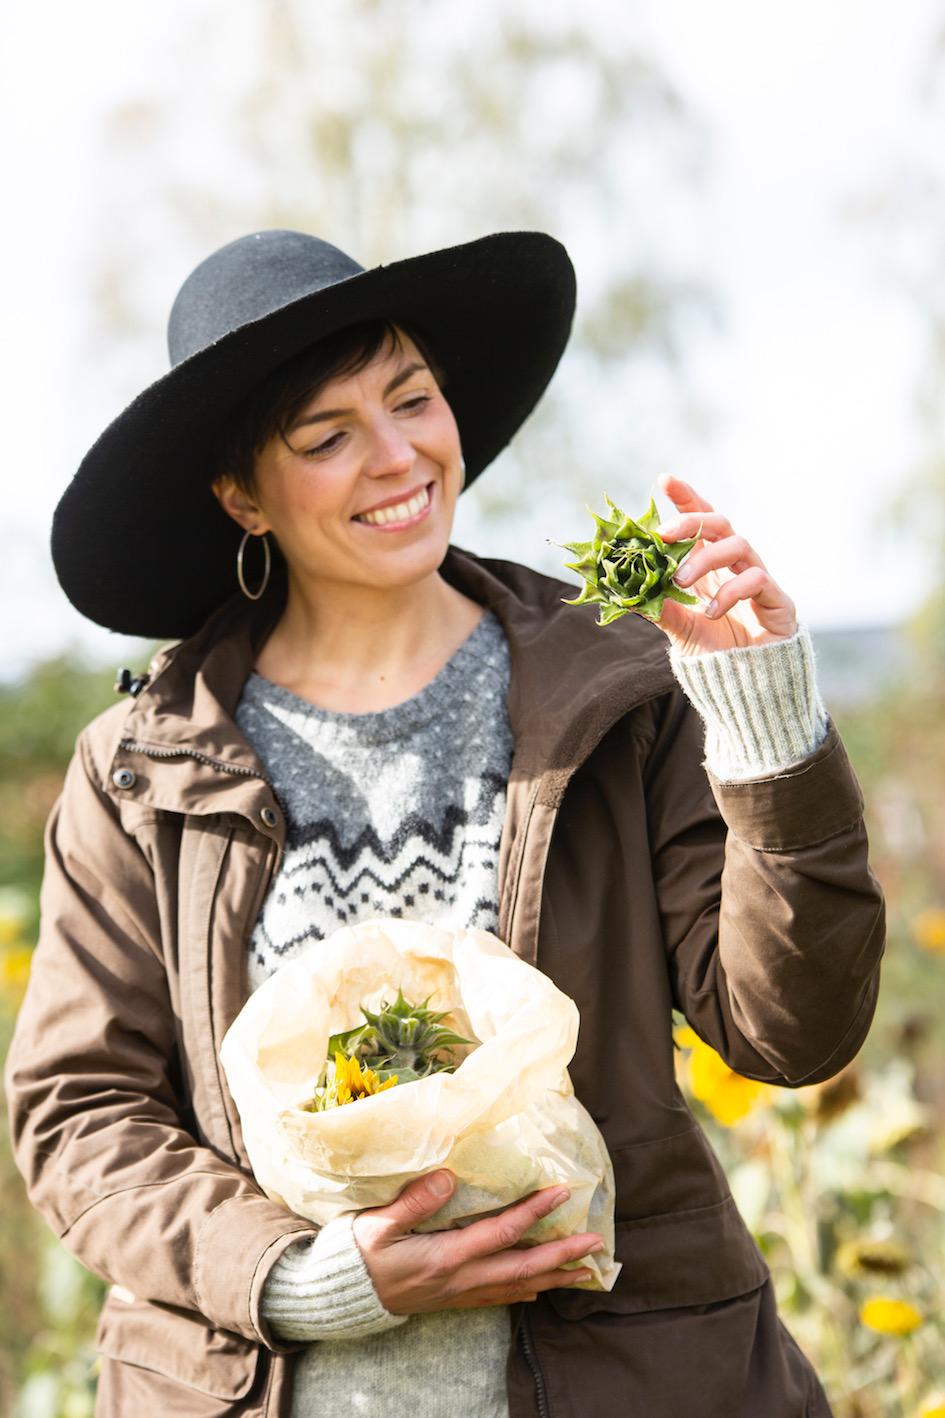 ruoka, reseptit, luonto, syksy, frantsila, kokkaus, ruoanlaitto, auringonkukka, auringonkukkapelto,